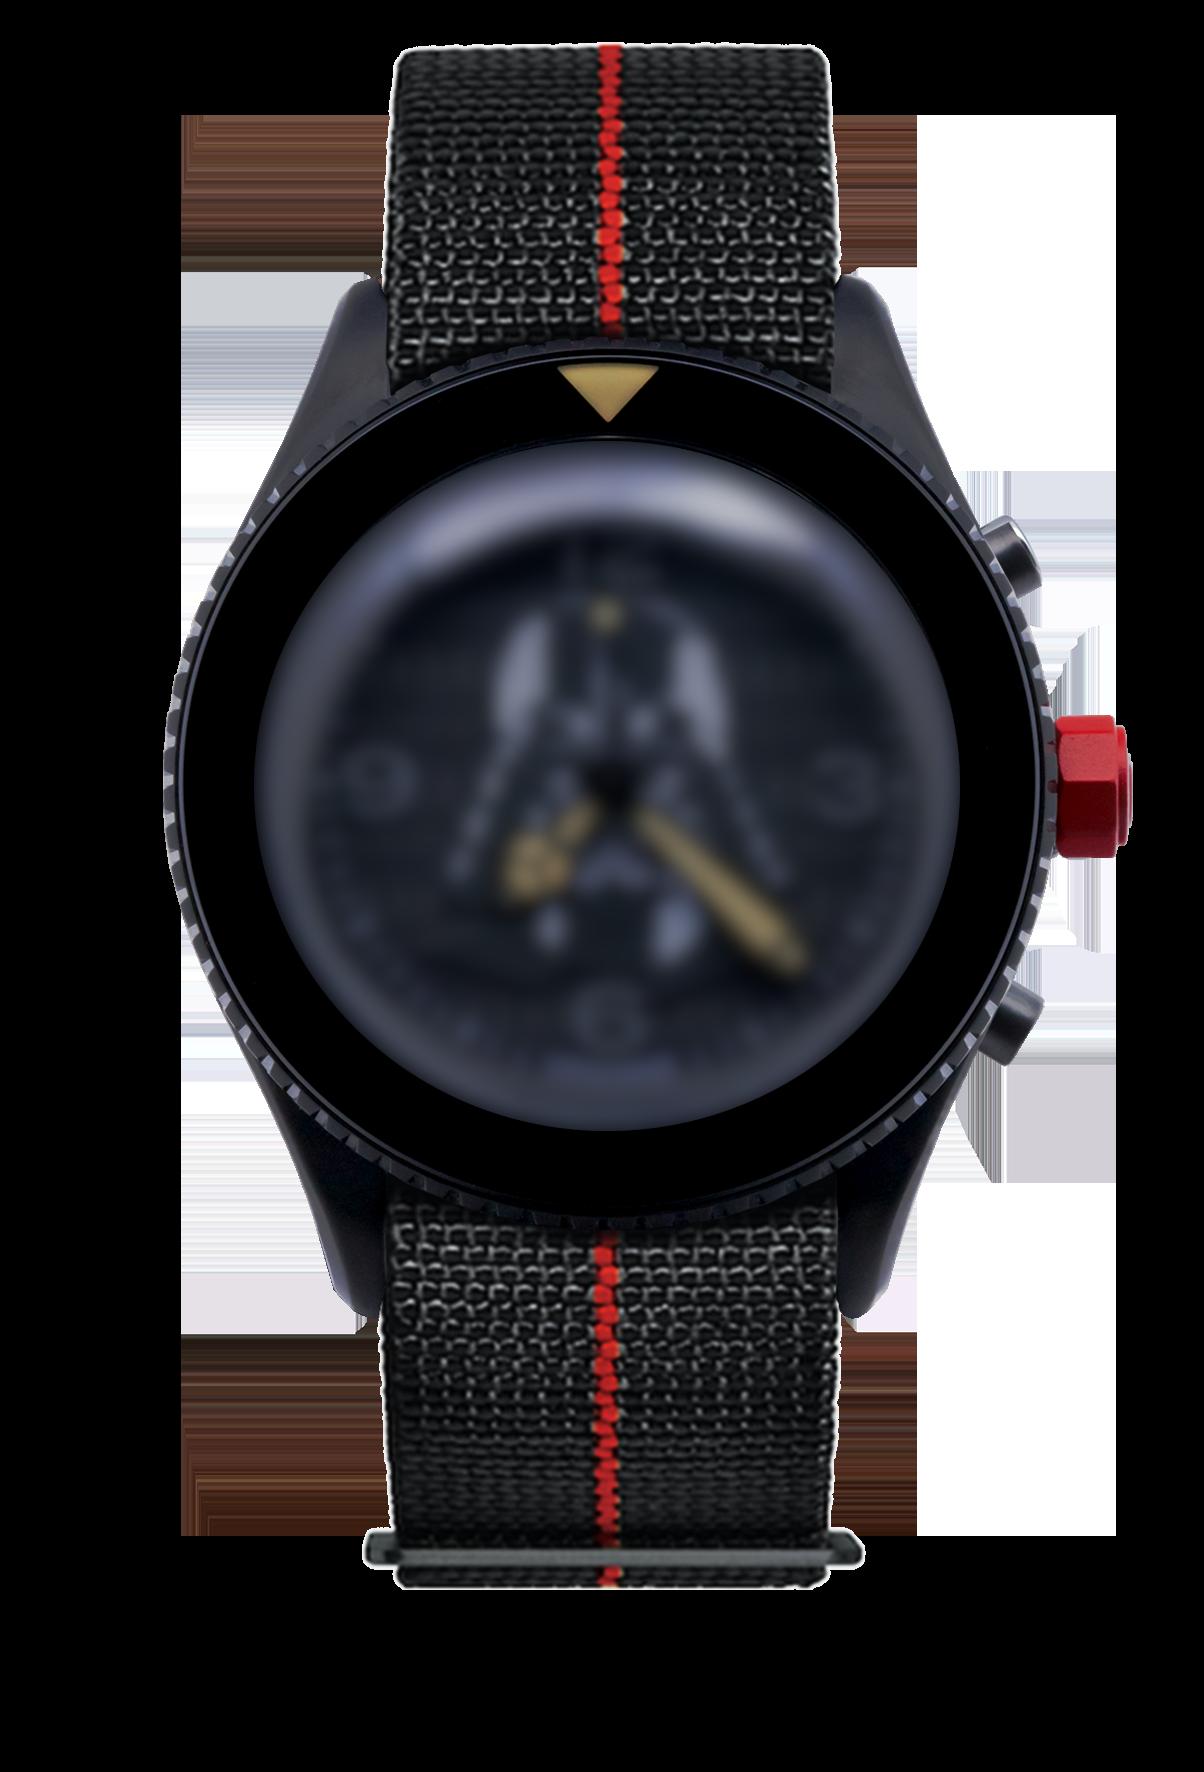 Darth Vader(Limited Model)